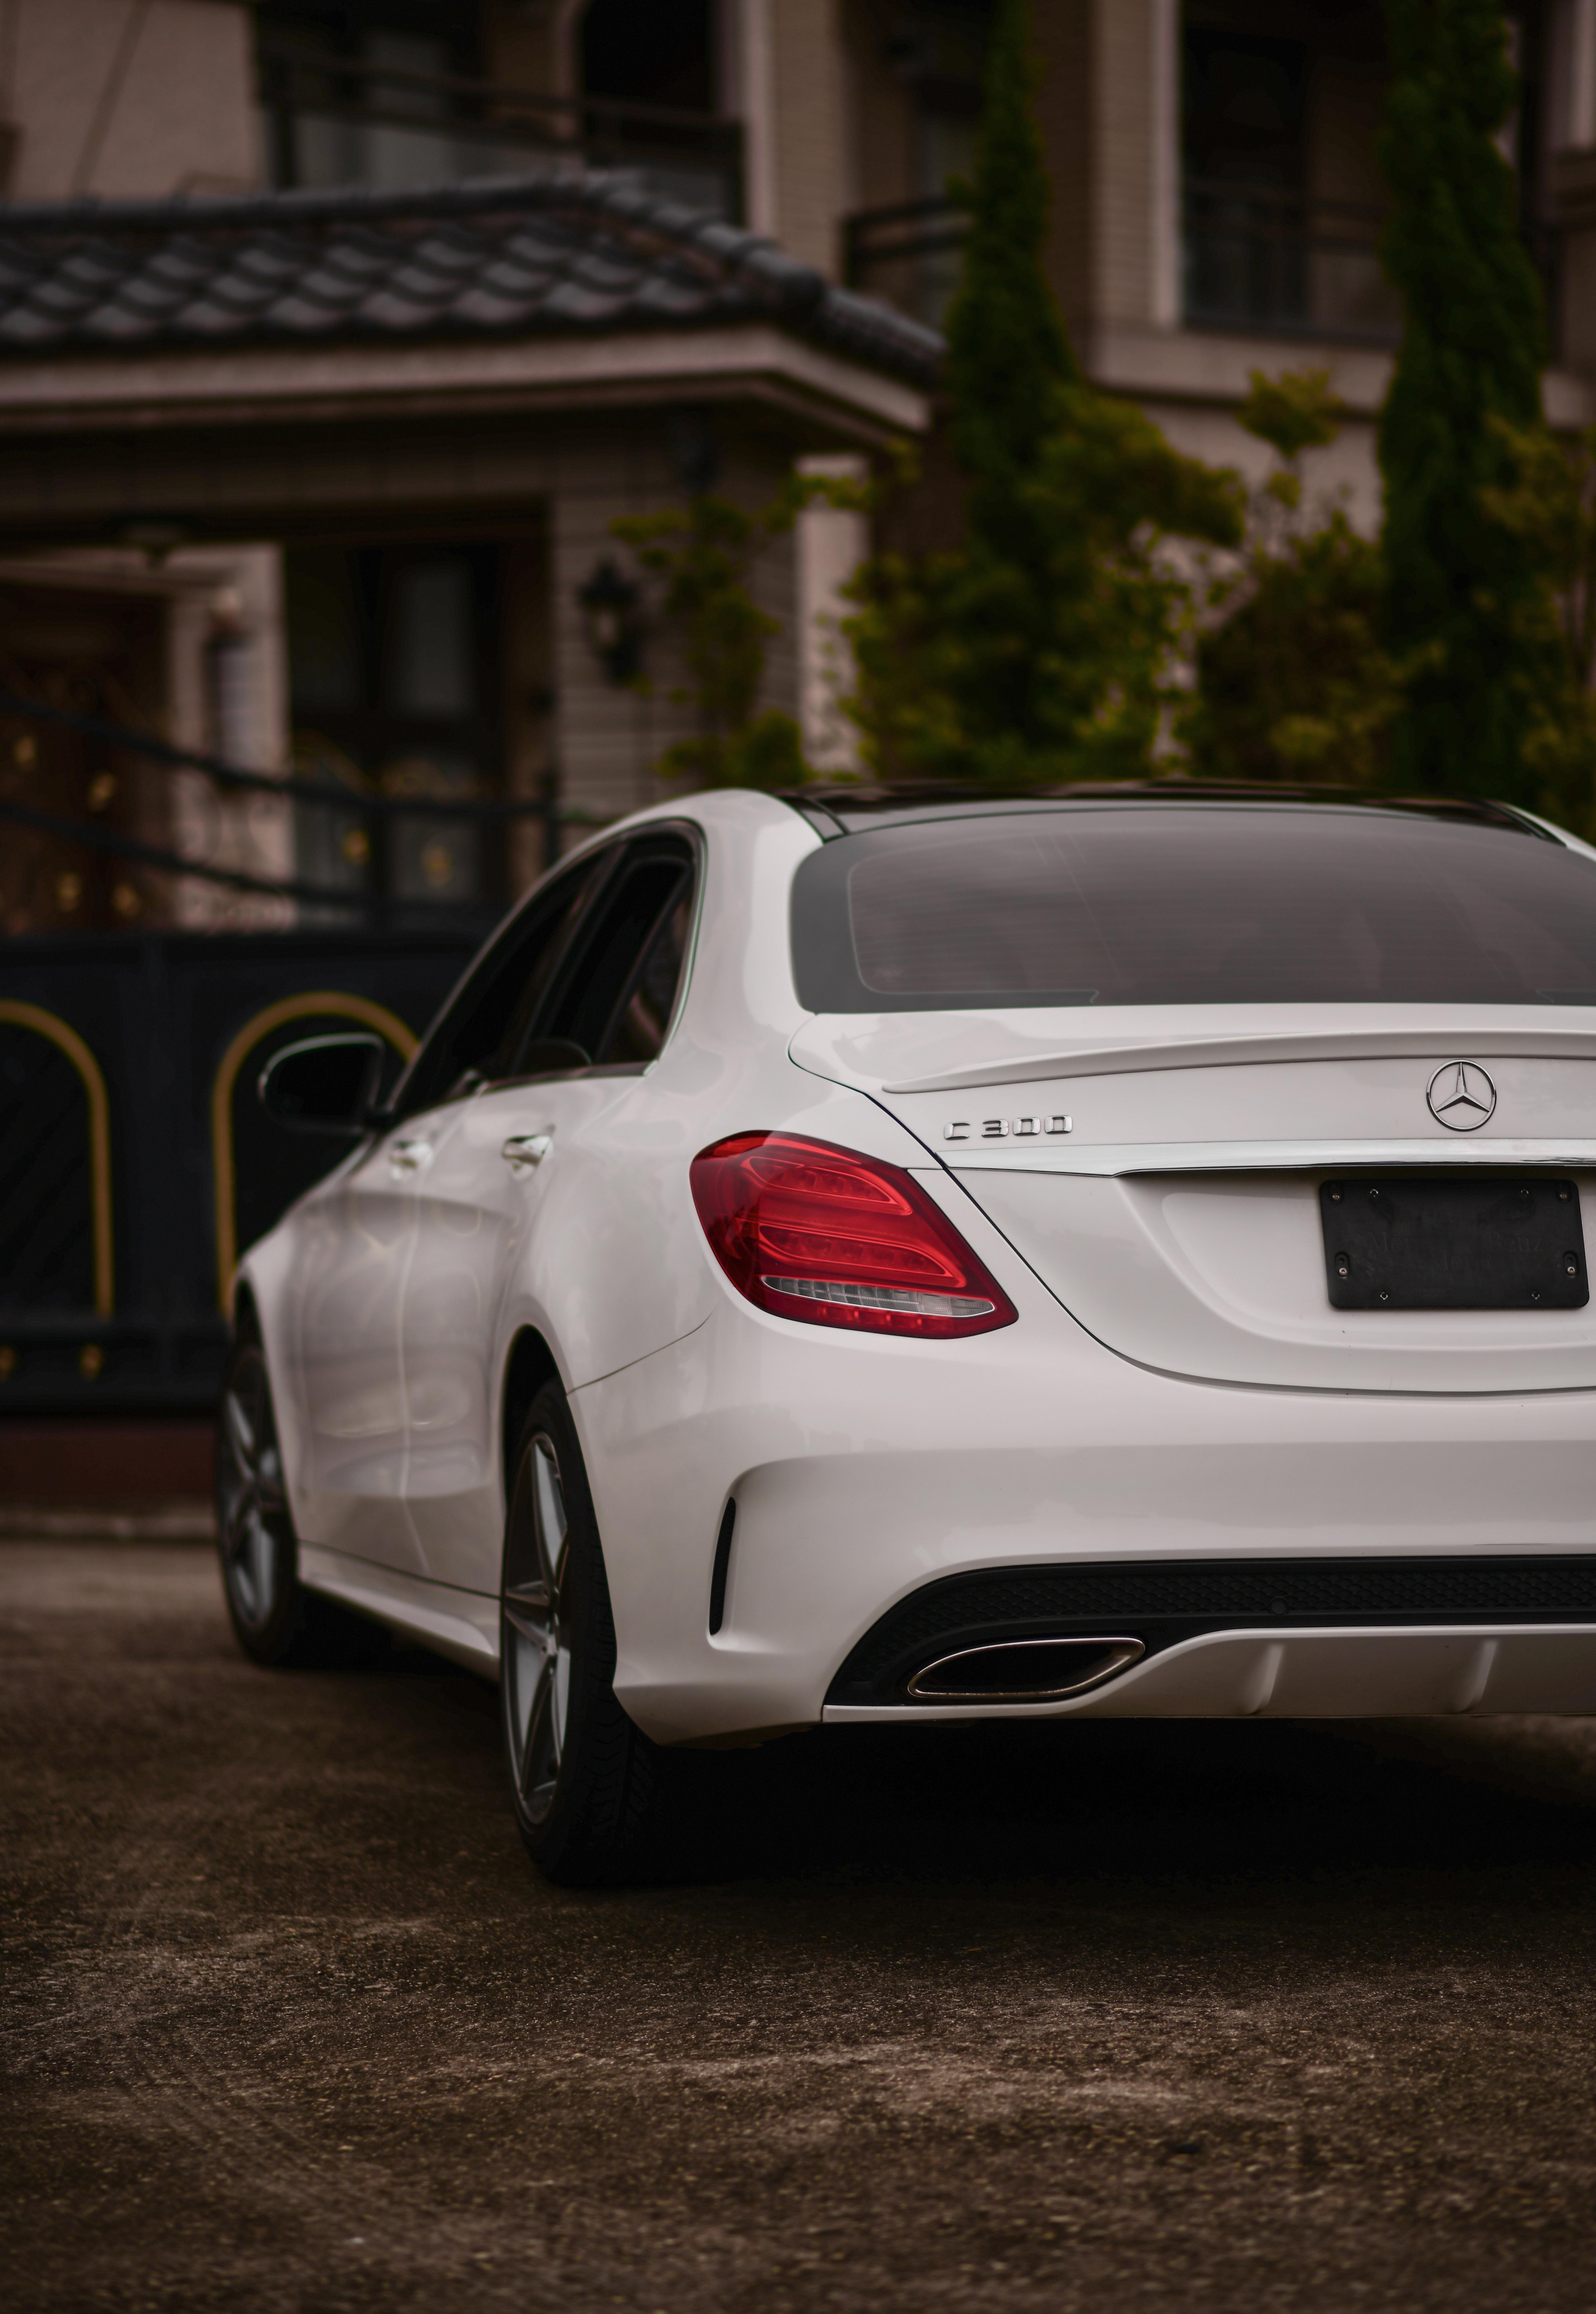 127022 Заставки и Обои Автомобиль на телефон. Скачать Автомобиль, Mercedes-Benz C300, Тачки (Cars), Белый, Вид Сзади, Mercedes картинки бесплатно